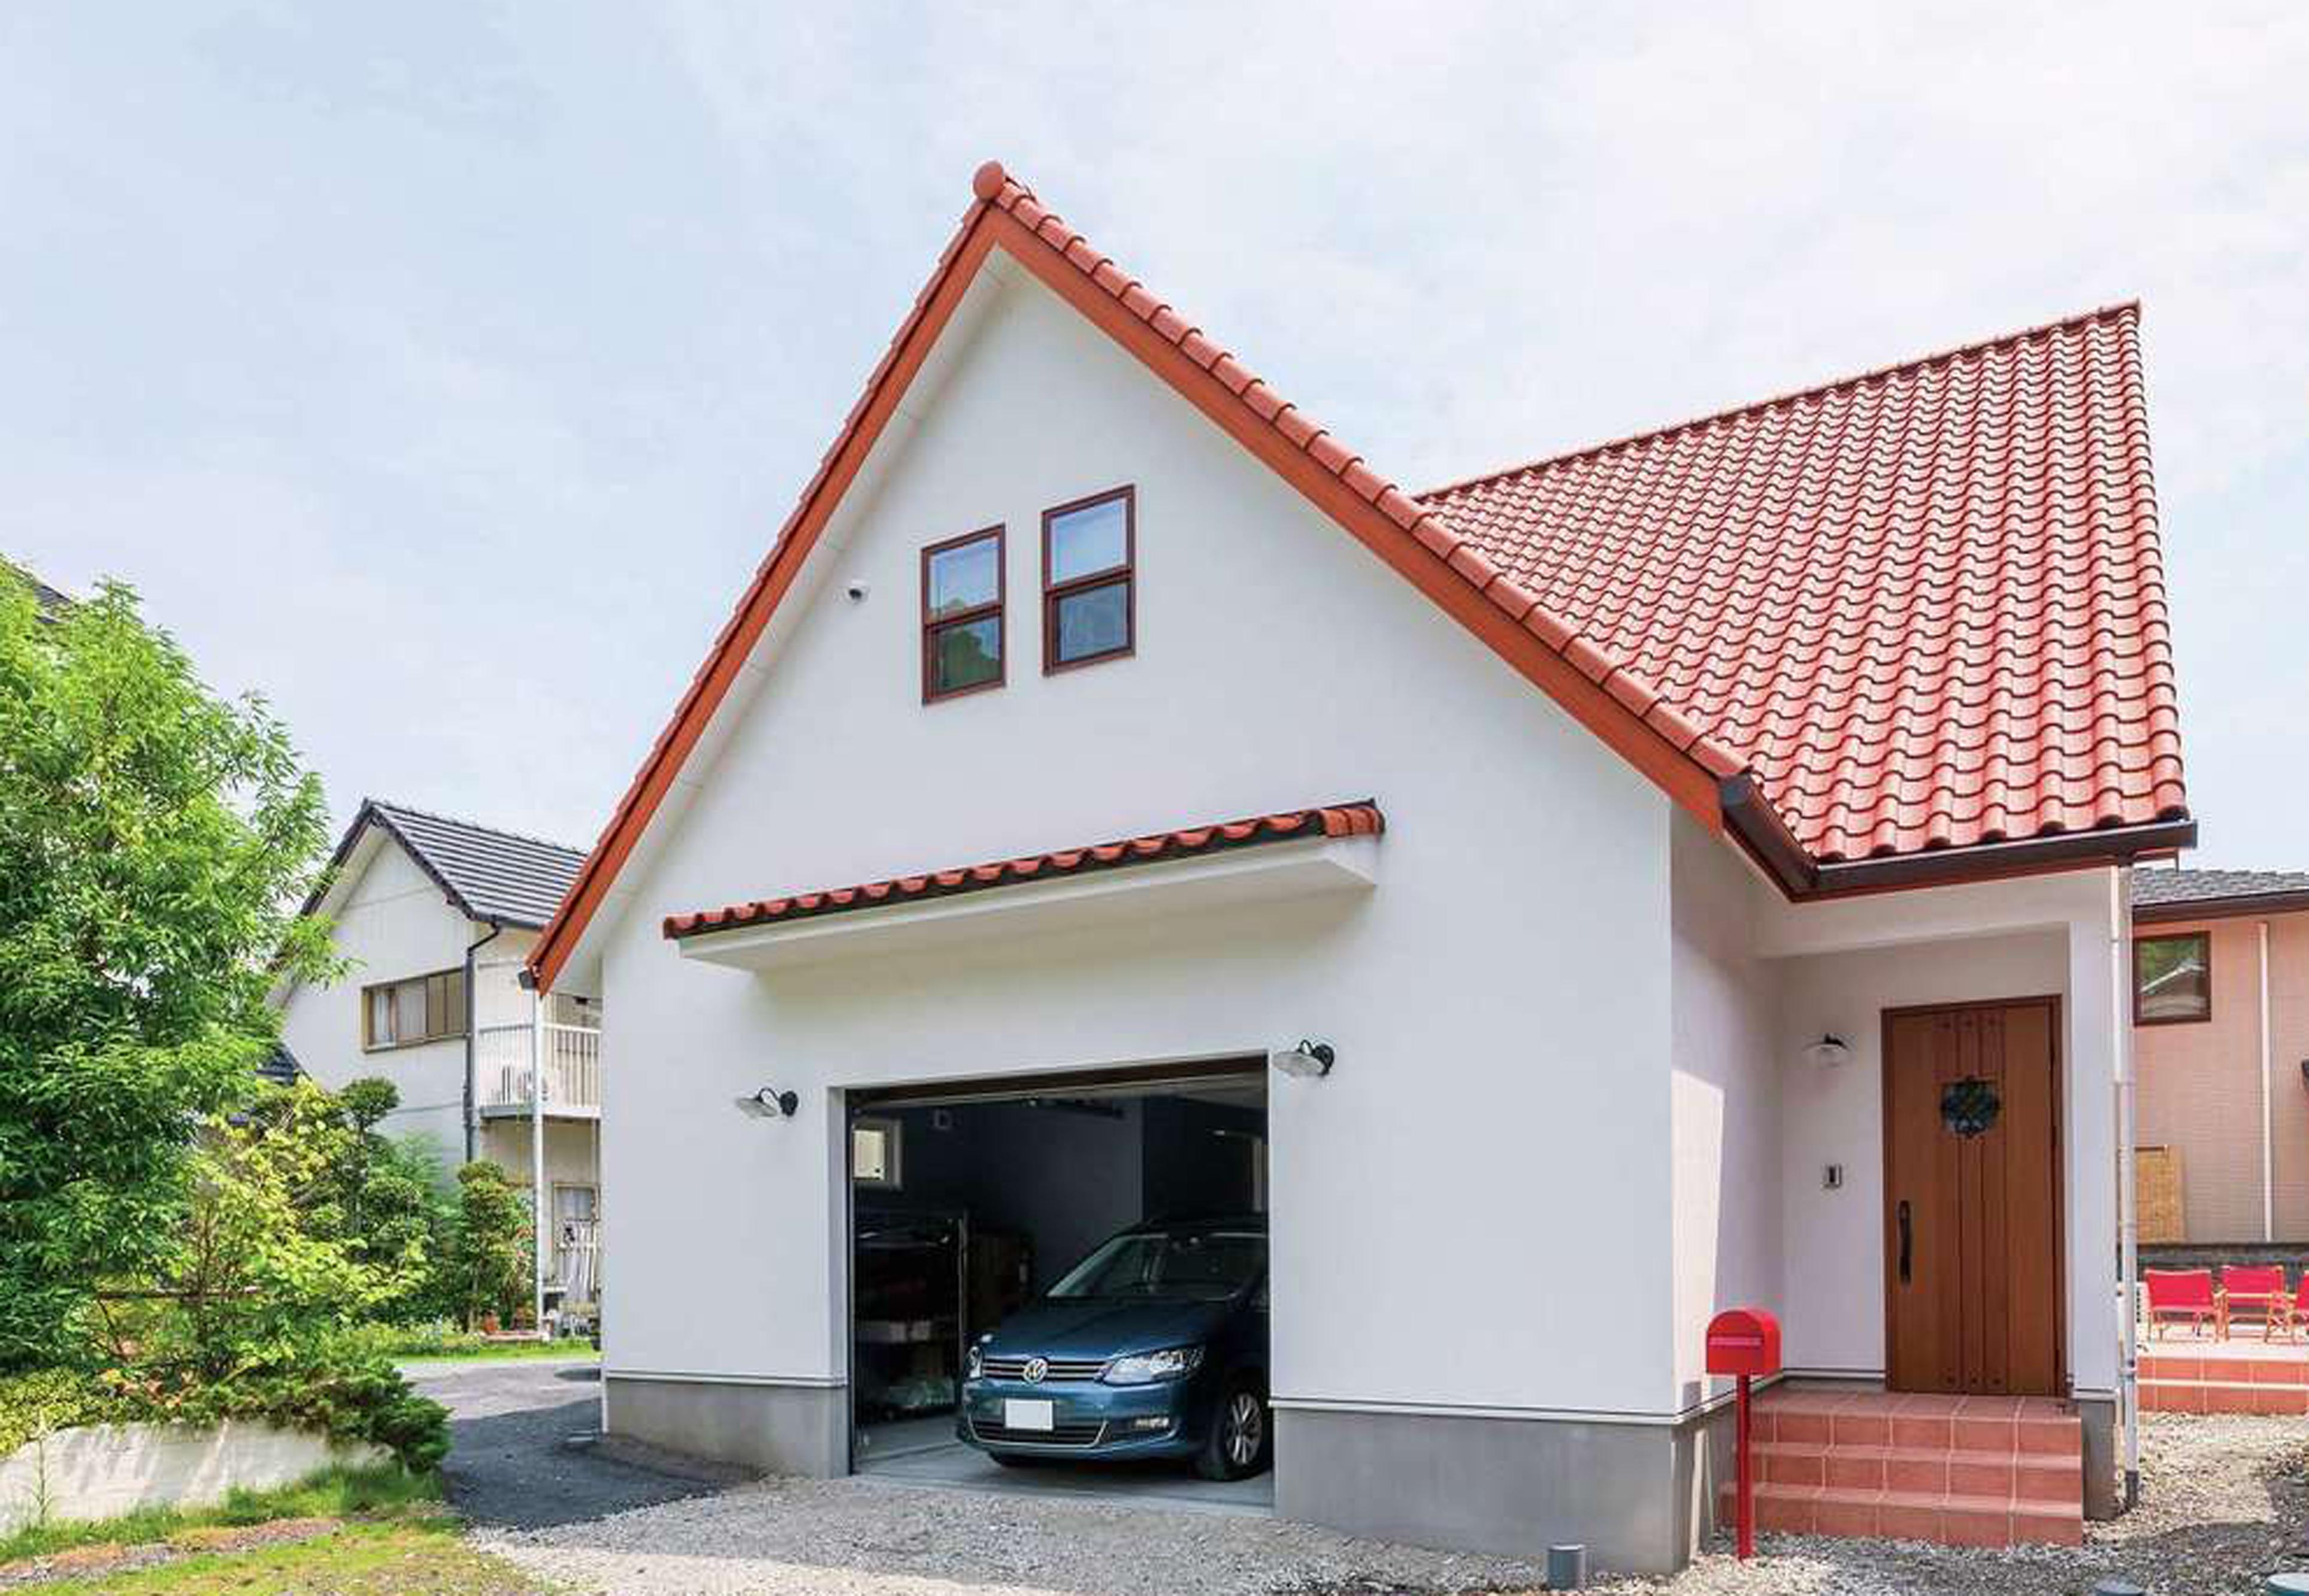 ハートホーム【輸入住宅、自然素材、ガレージ】電線の引き込みやアンテナケーブルは地中を通して、理想の外観を実現。屋根の形状、窓の位置まで計算し尽くされたデンマーク住宅